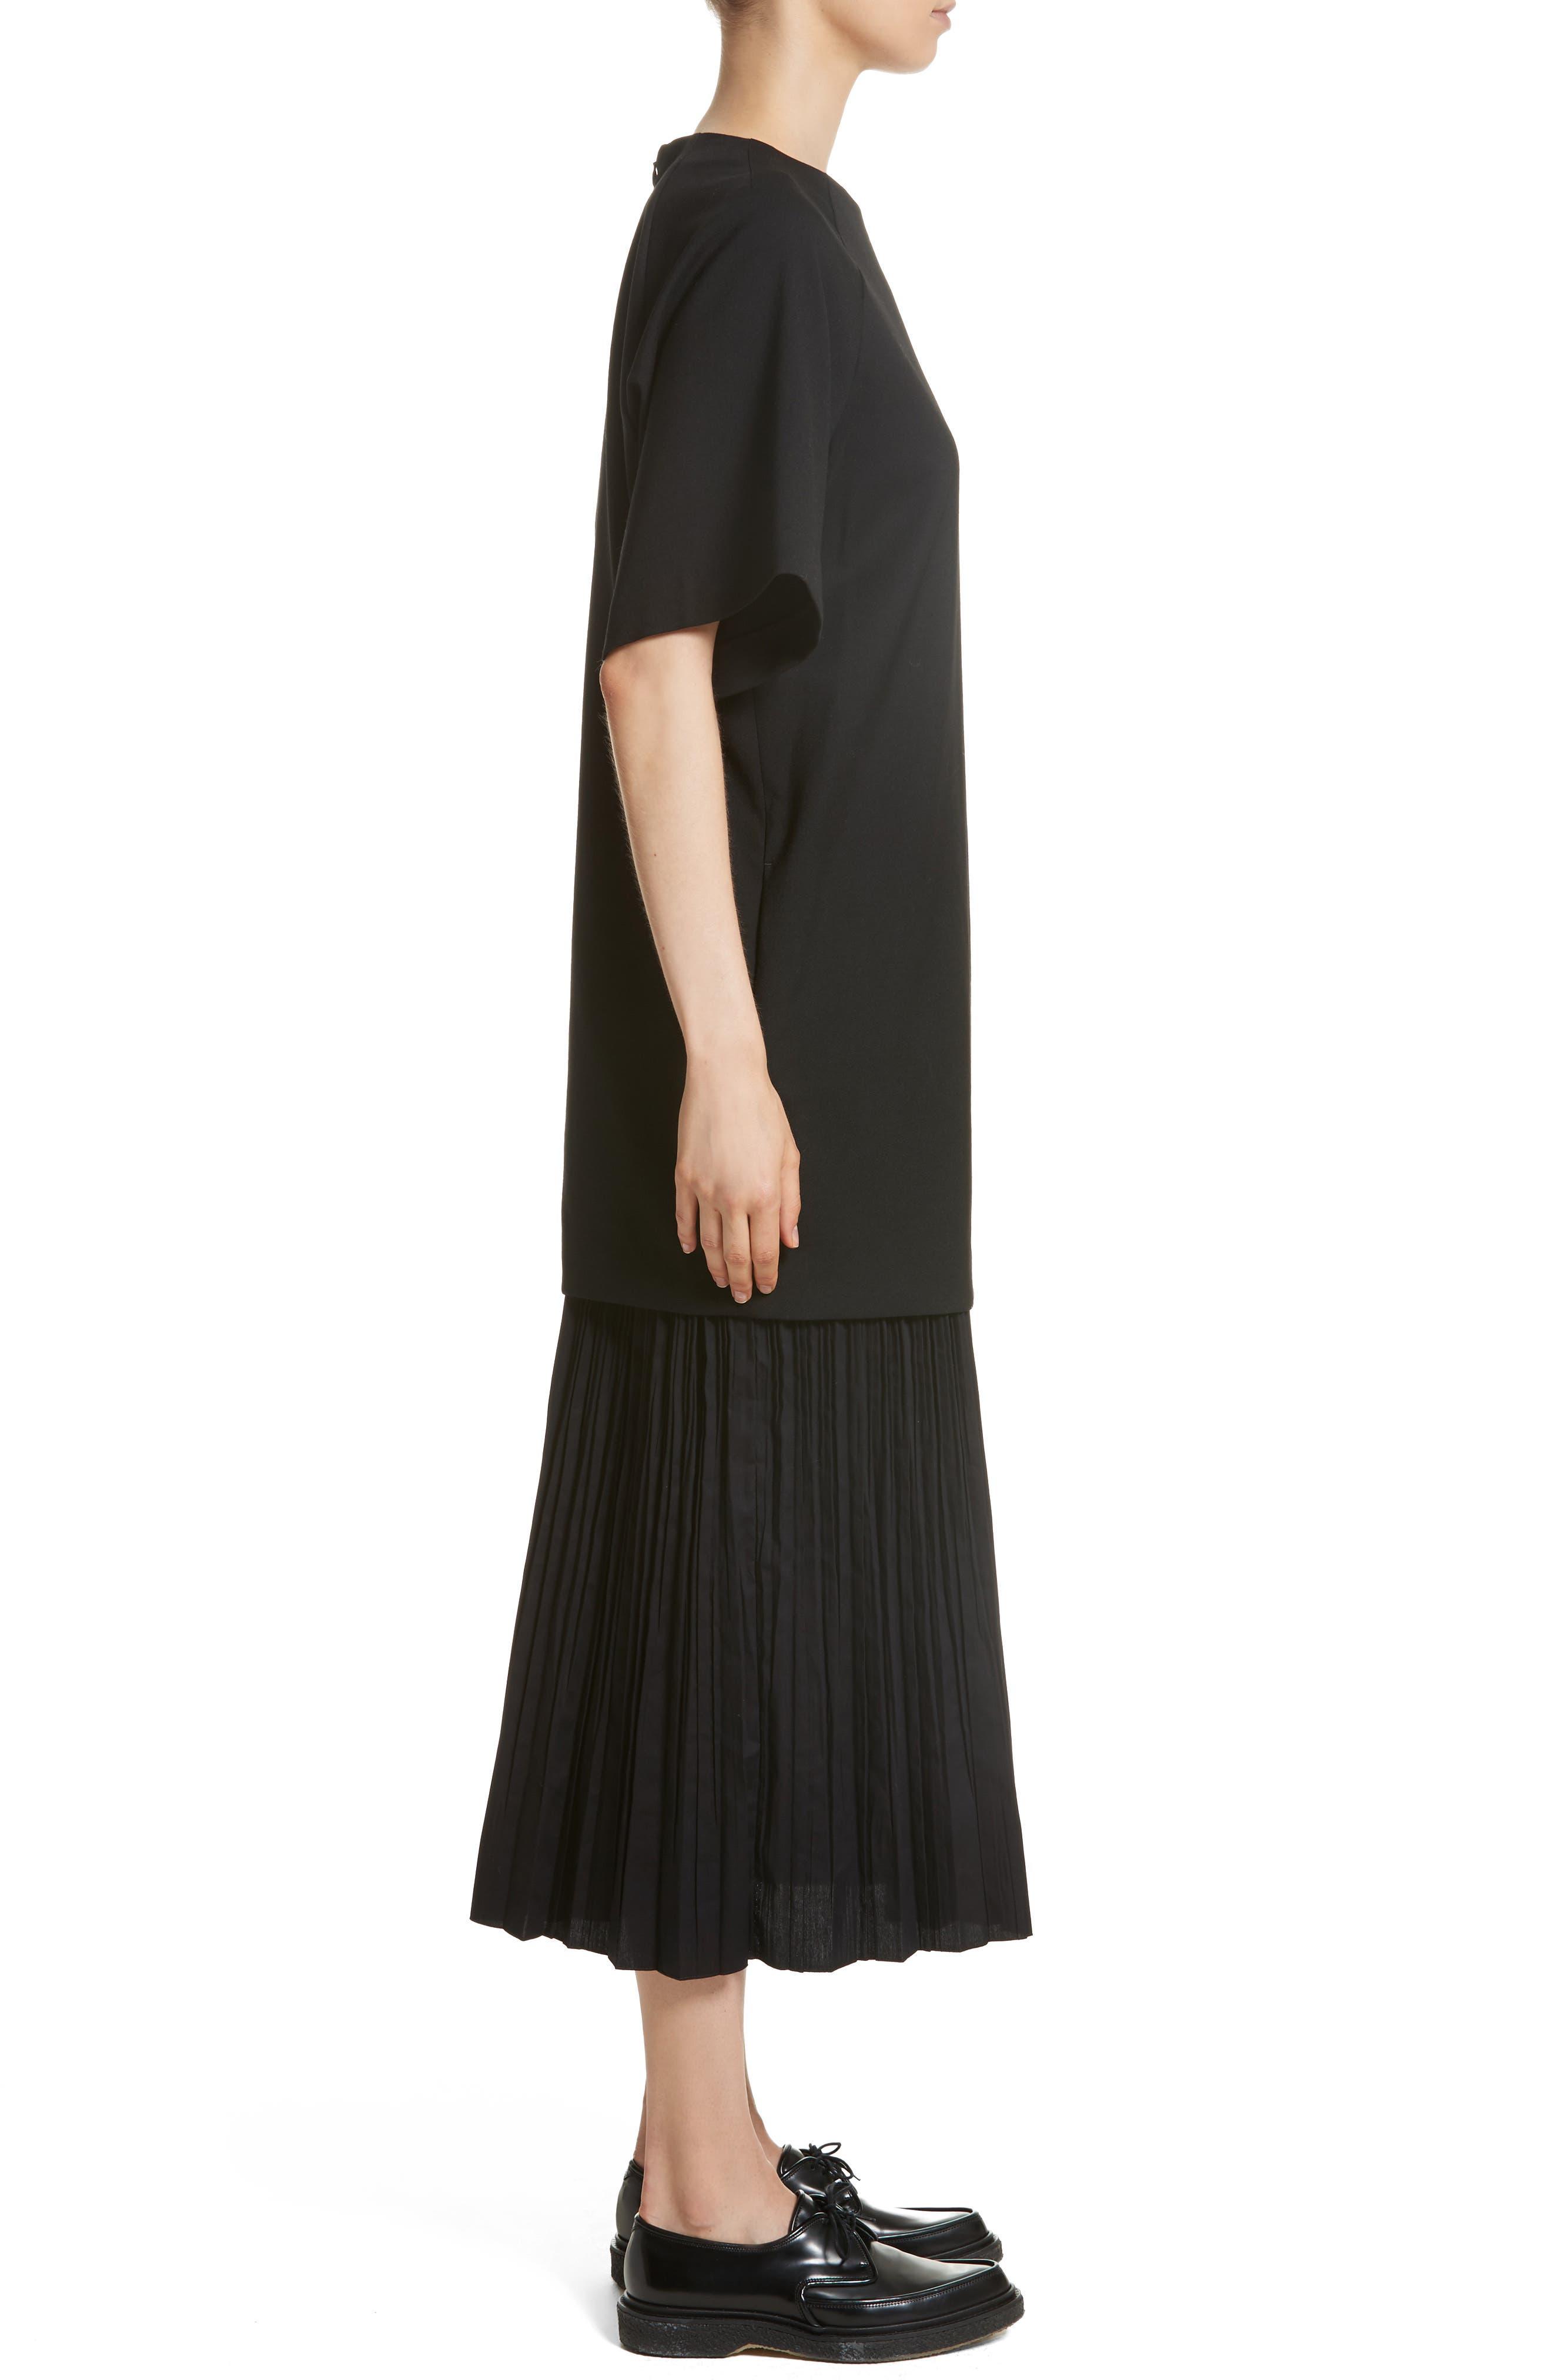 K Bottom Pleated Dress,                             Alternate thumbnail 3, color,                             001